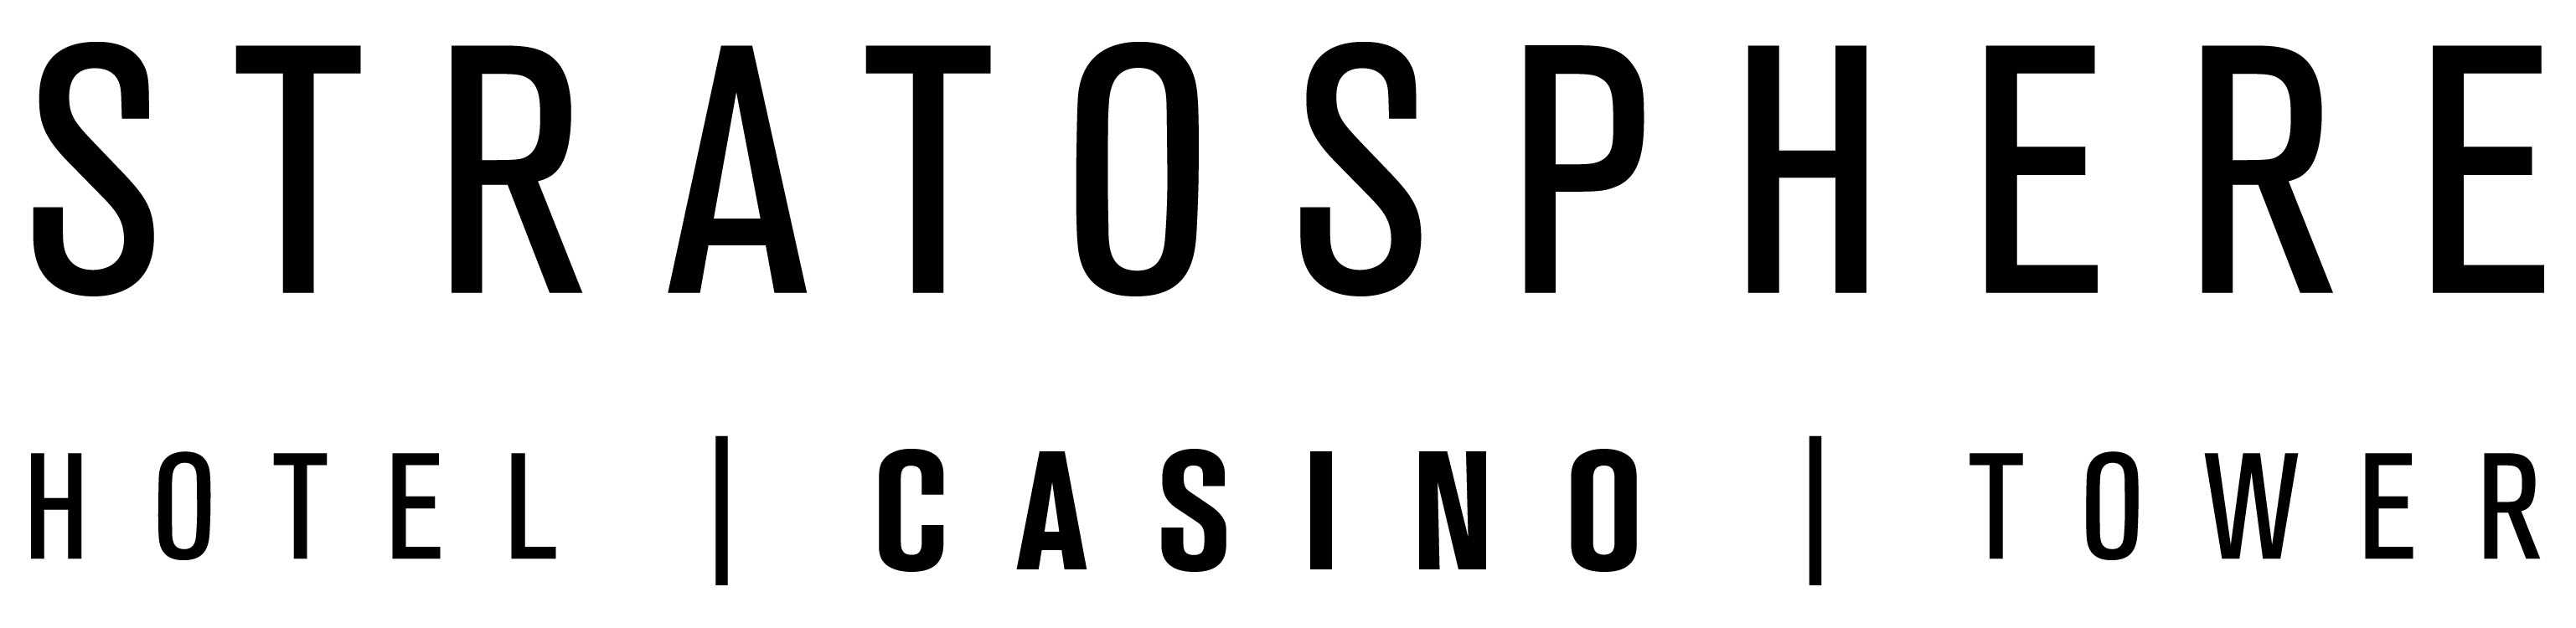 Las Vegas Casinos  Stratosphere Casino  Casinos